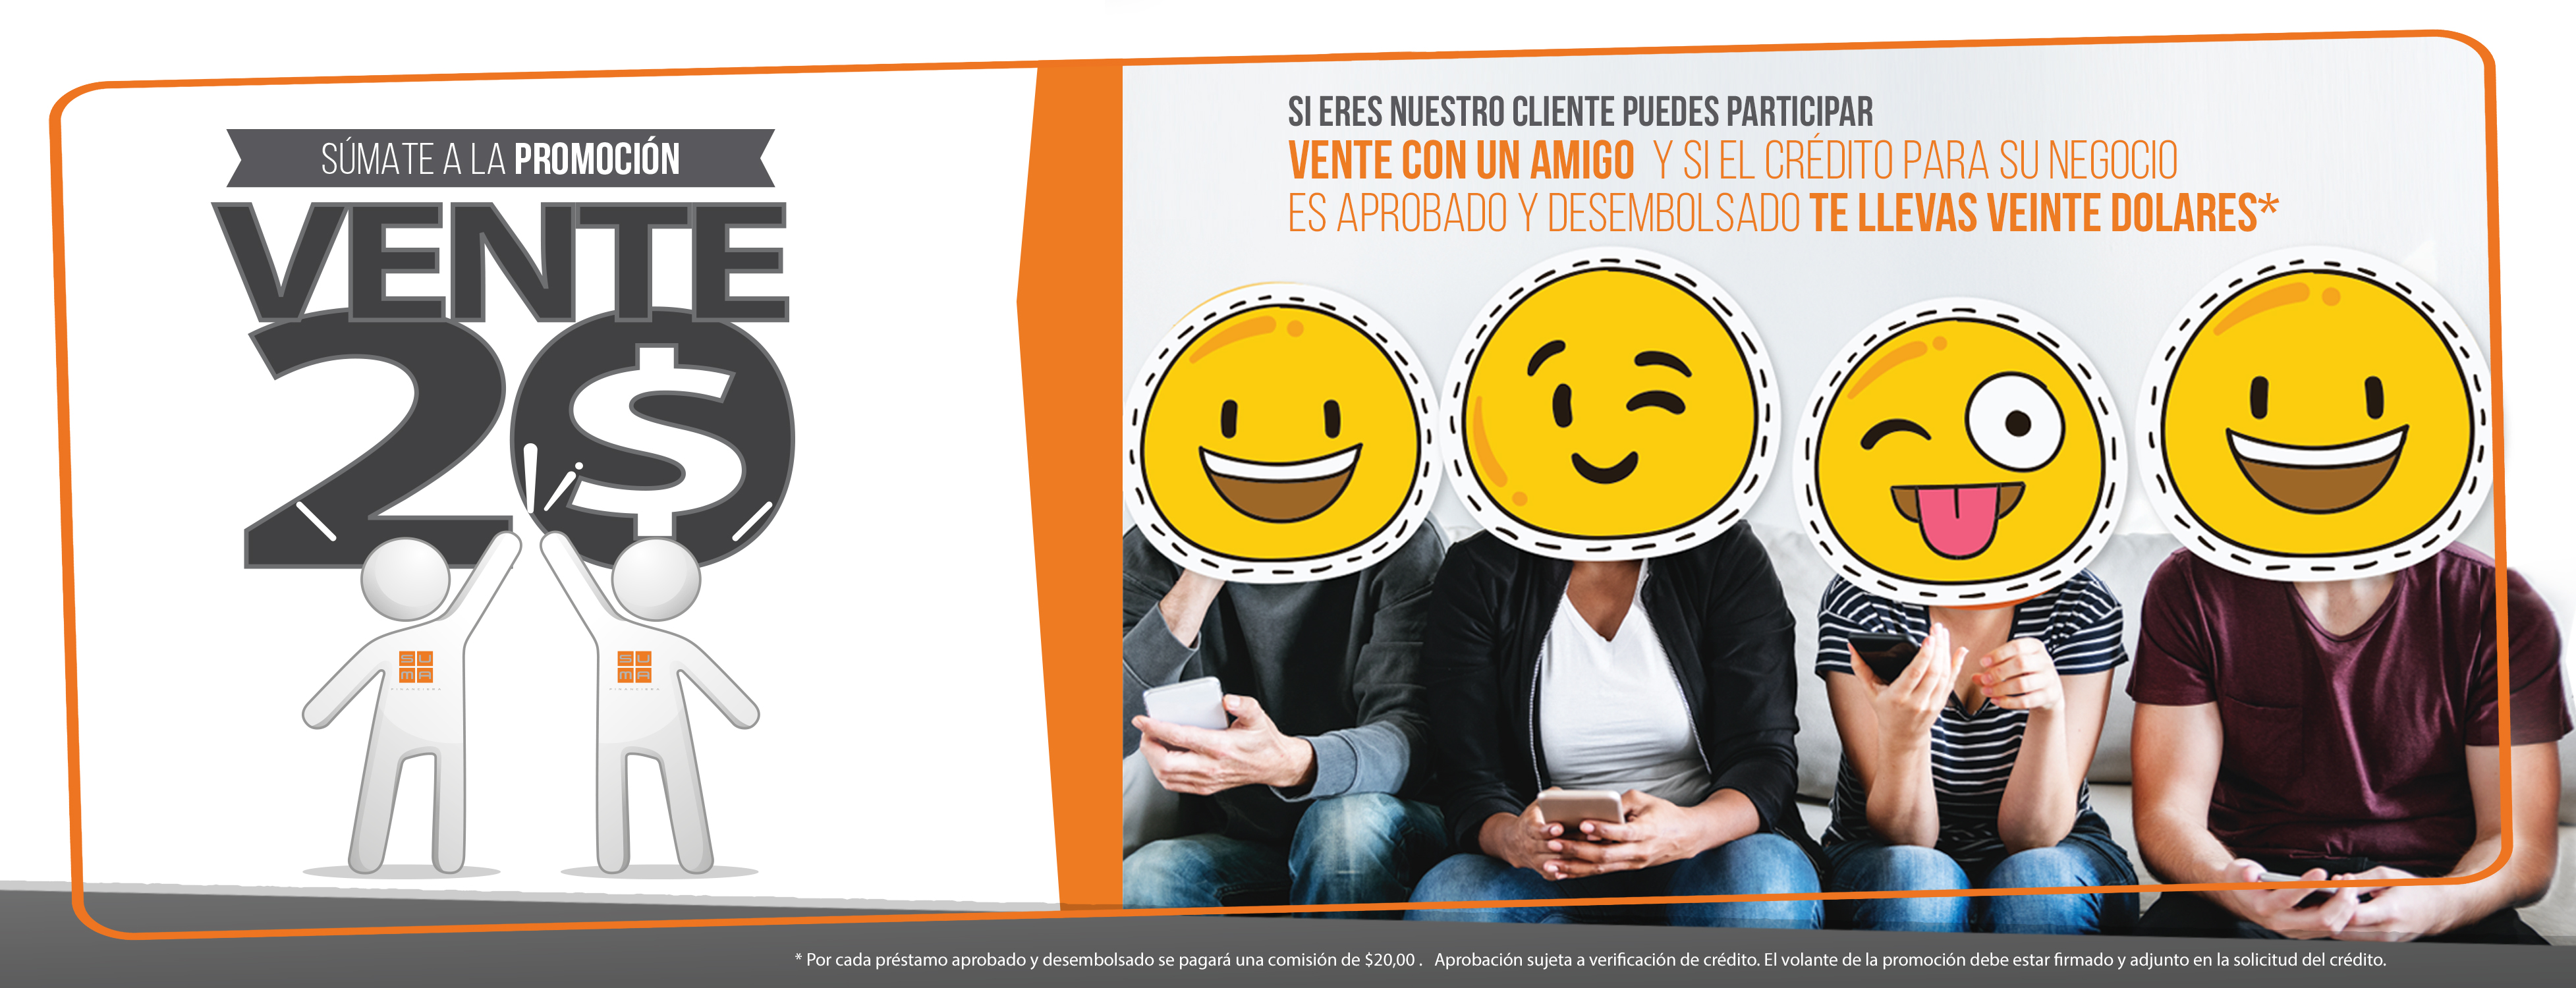 campaña-referidos-promocion-vente-20